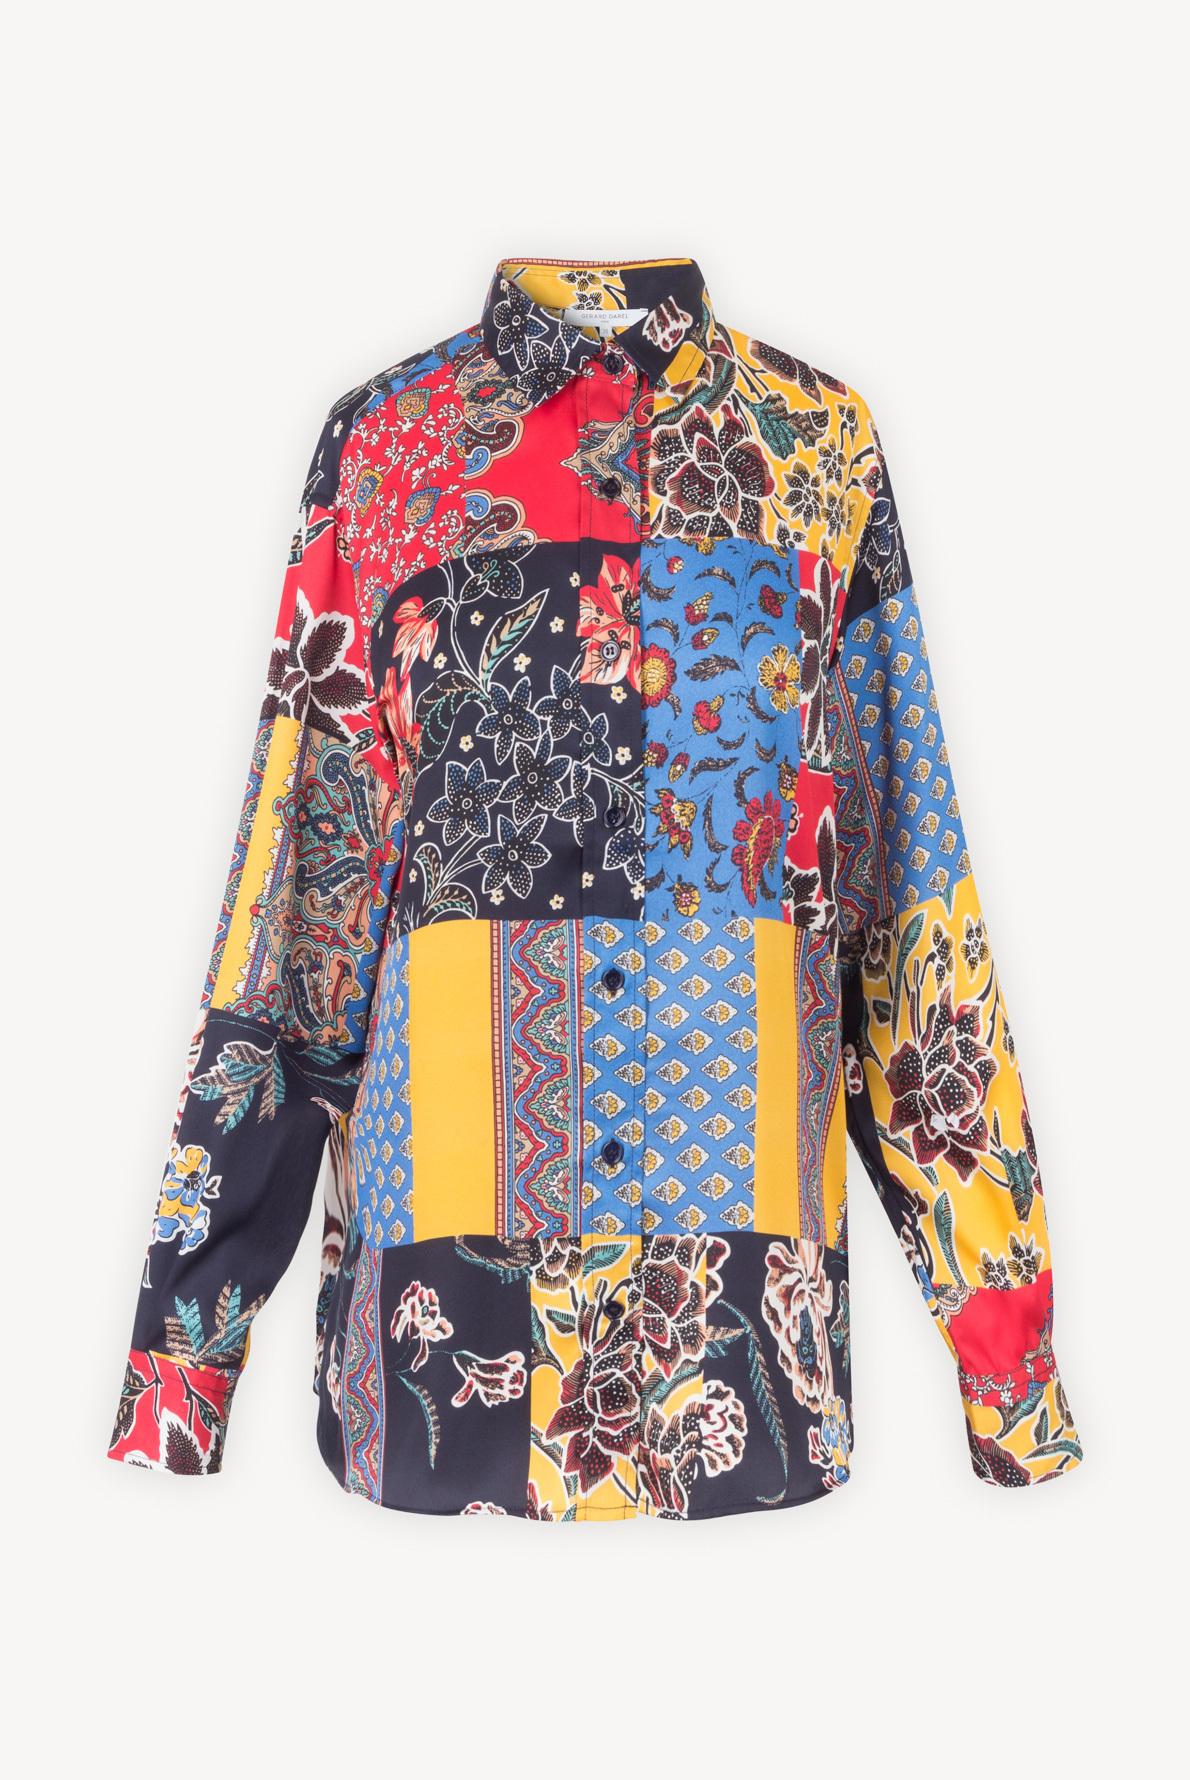 NESSA - блуза свободного кроя с принтом пэчворк